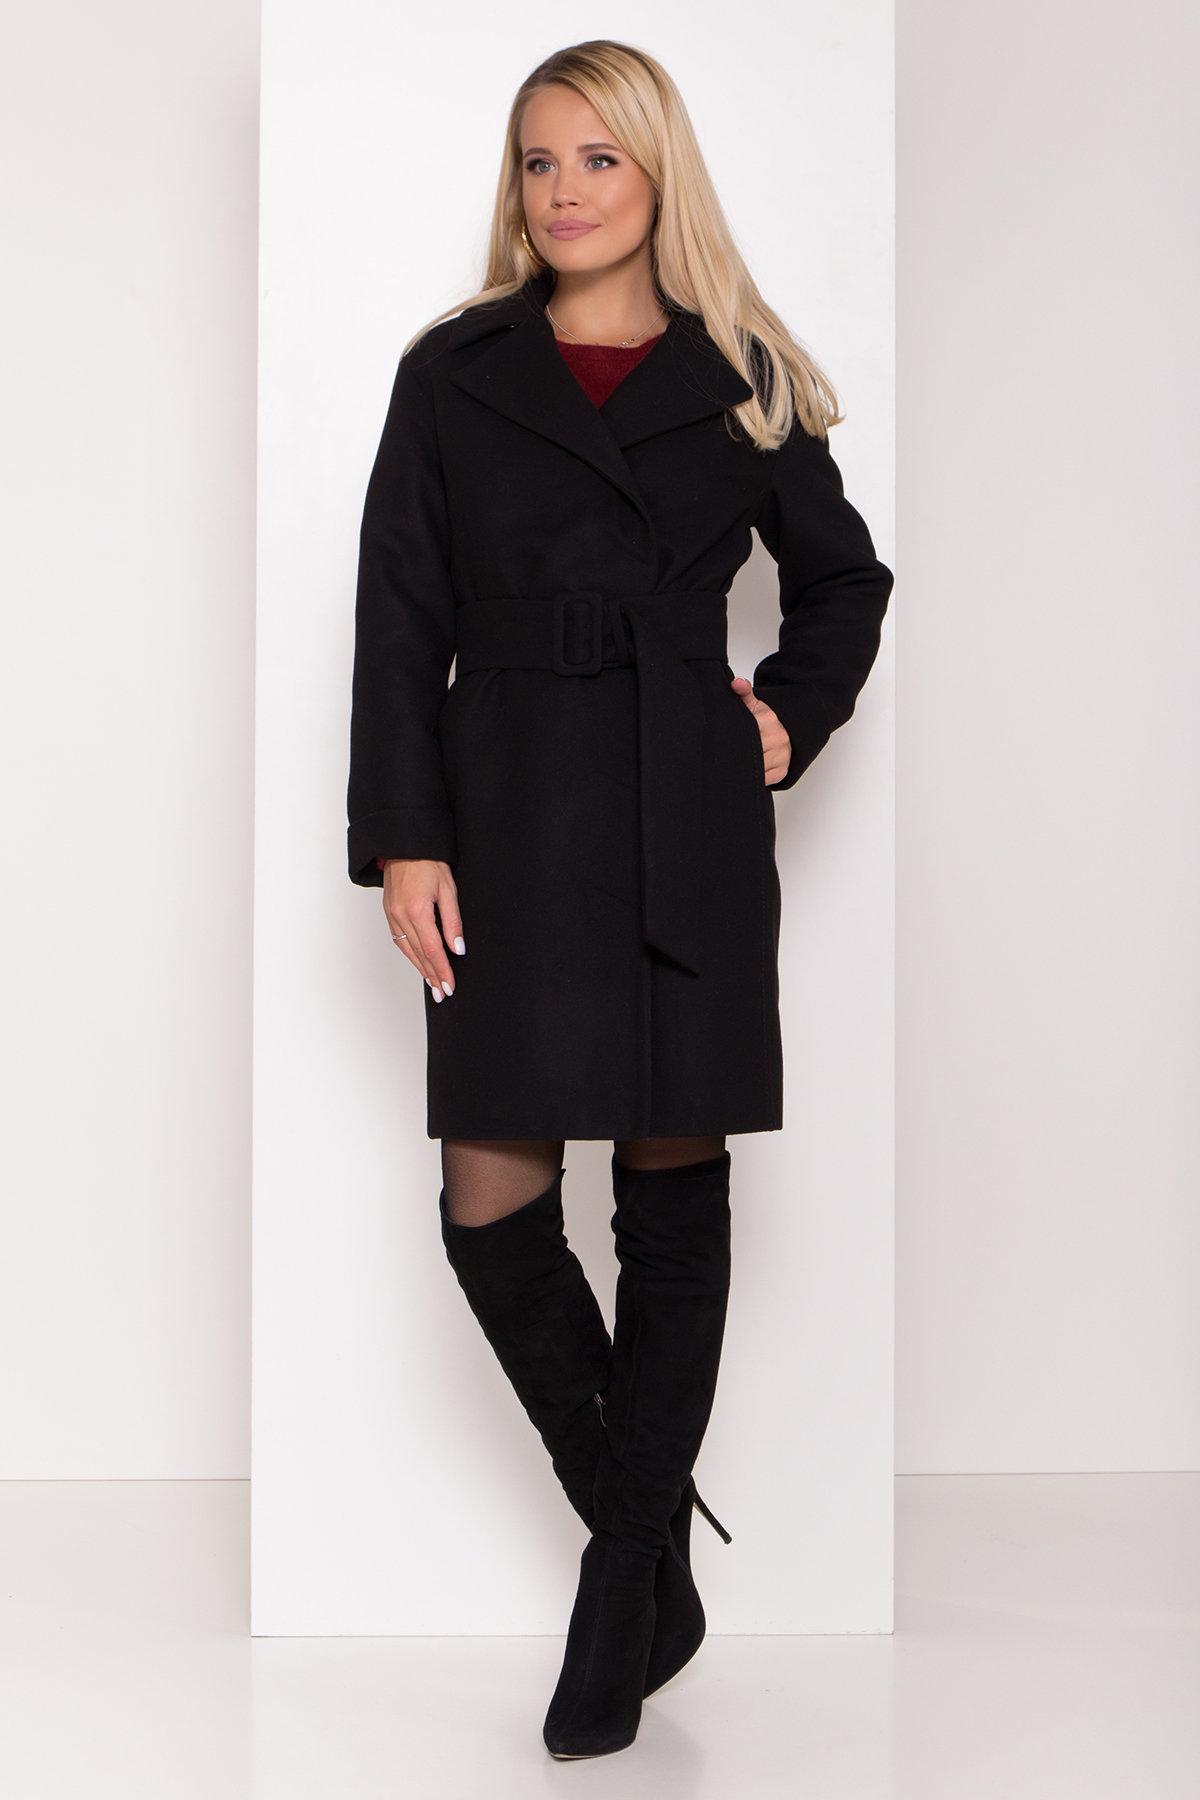 Зимнее пальто интернет магазин Зимнее пальто в классическом стиле Лизи 8179